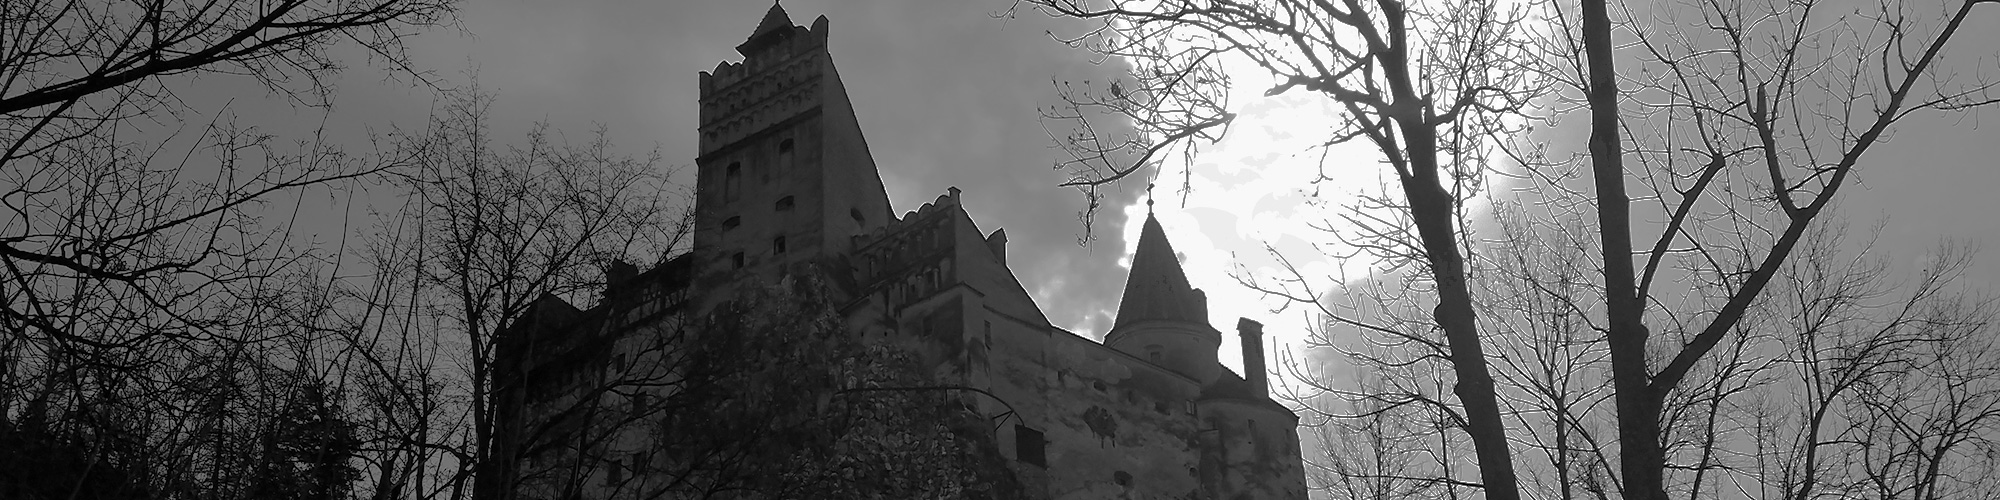 Romanian Castle Tour